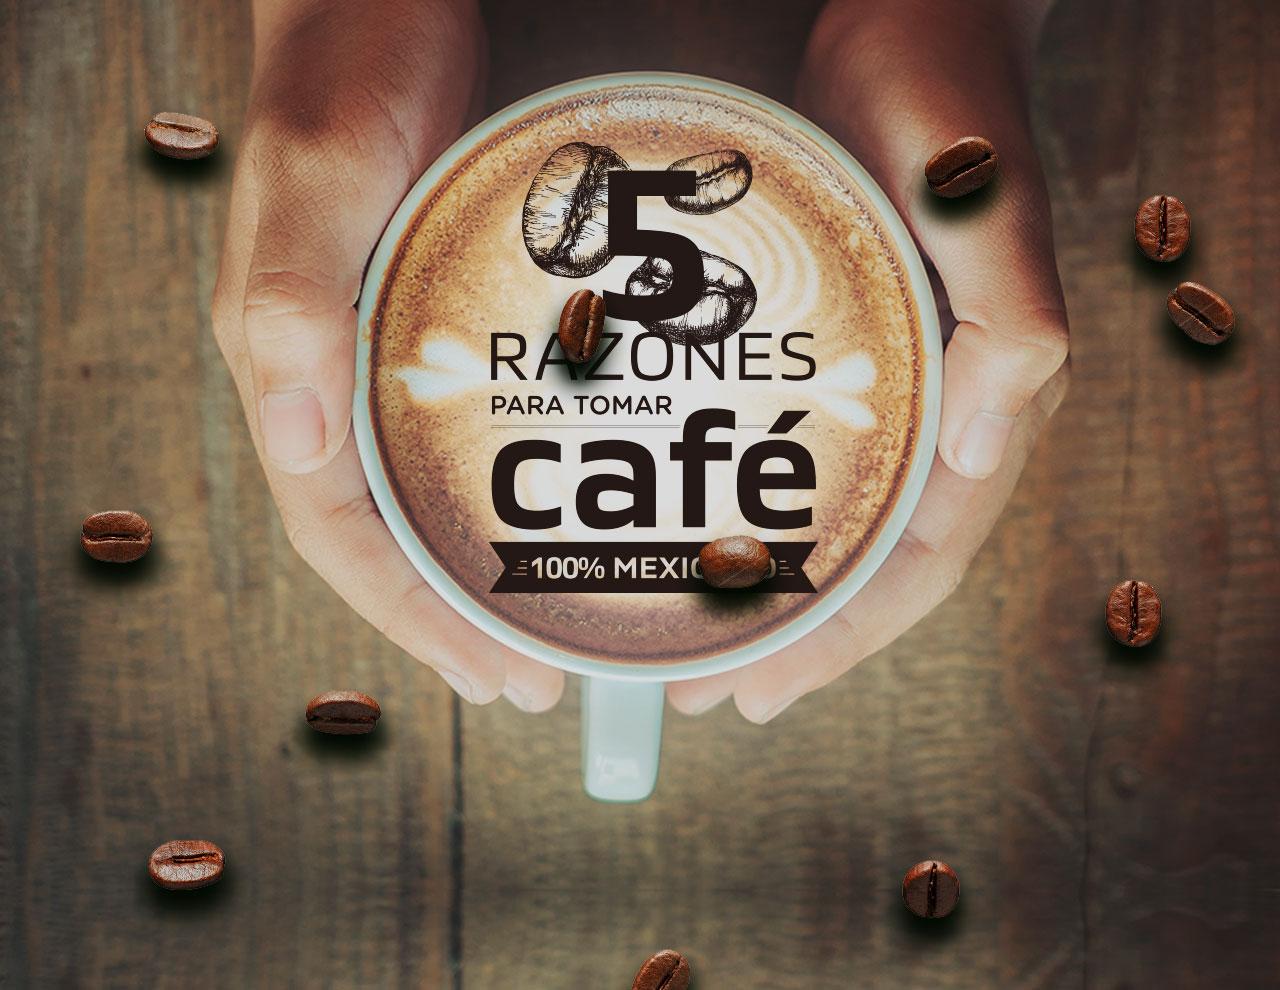 Razones para tomar café de México